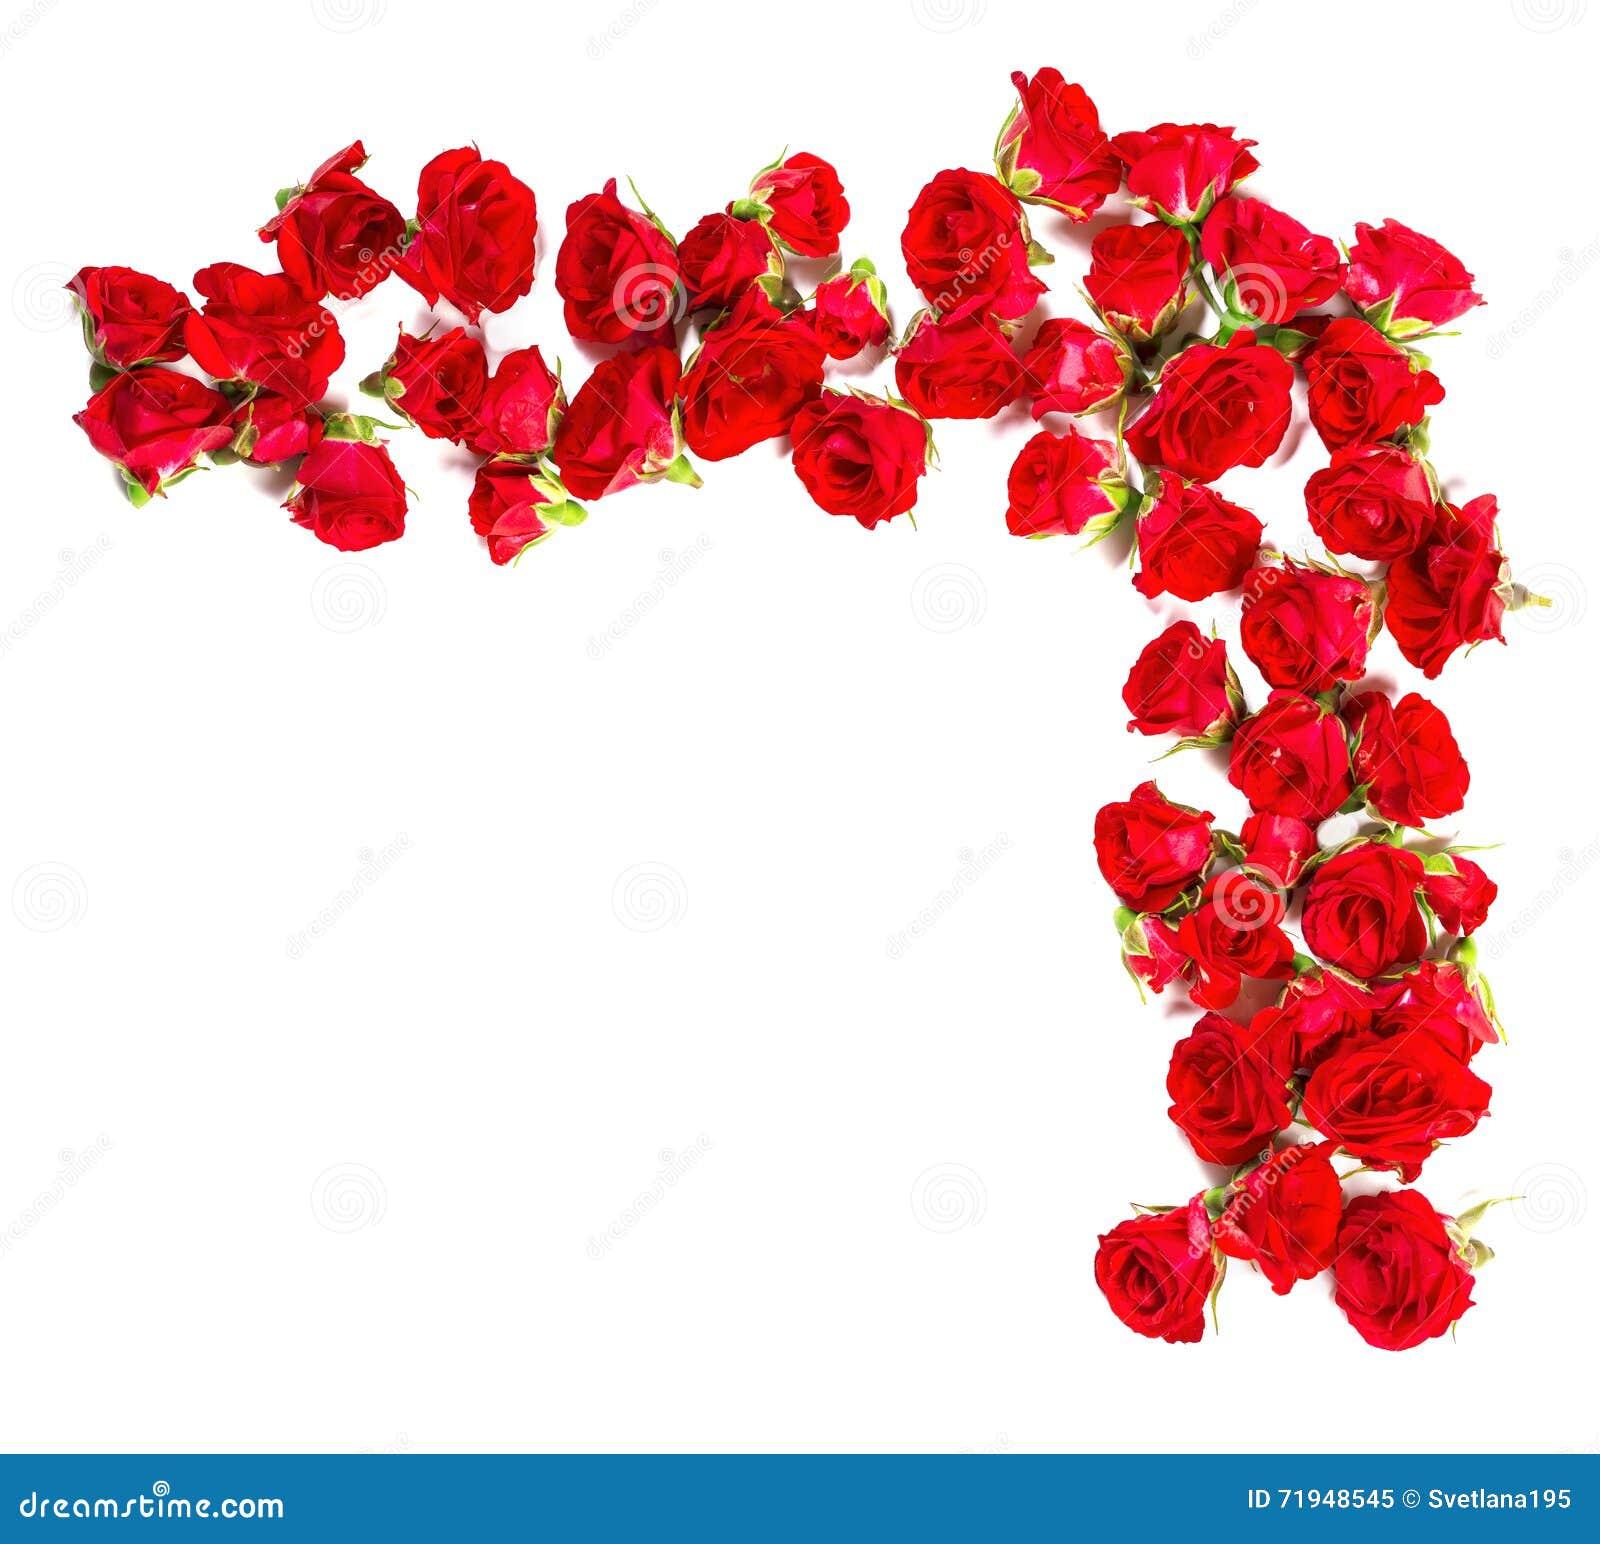 Букет роз аранжированных к форме элемента границы или дизайна для флористических тем